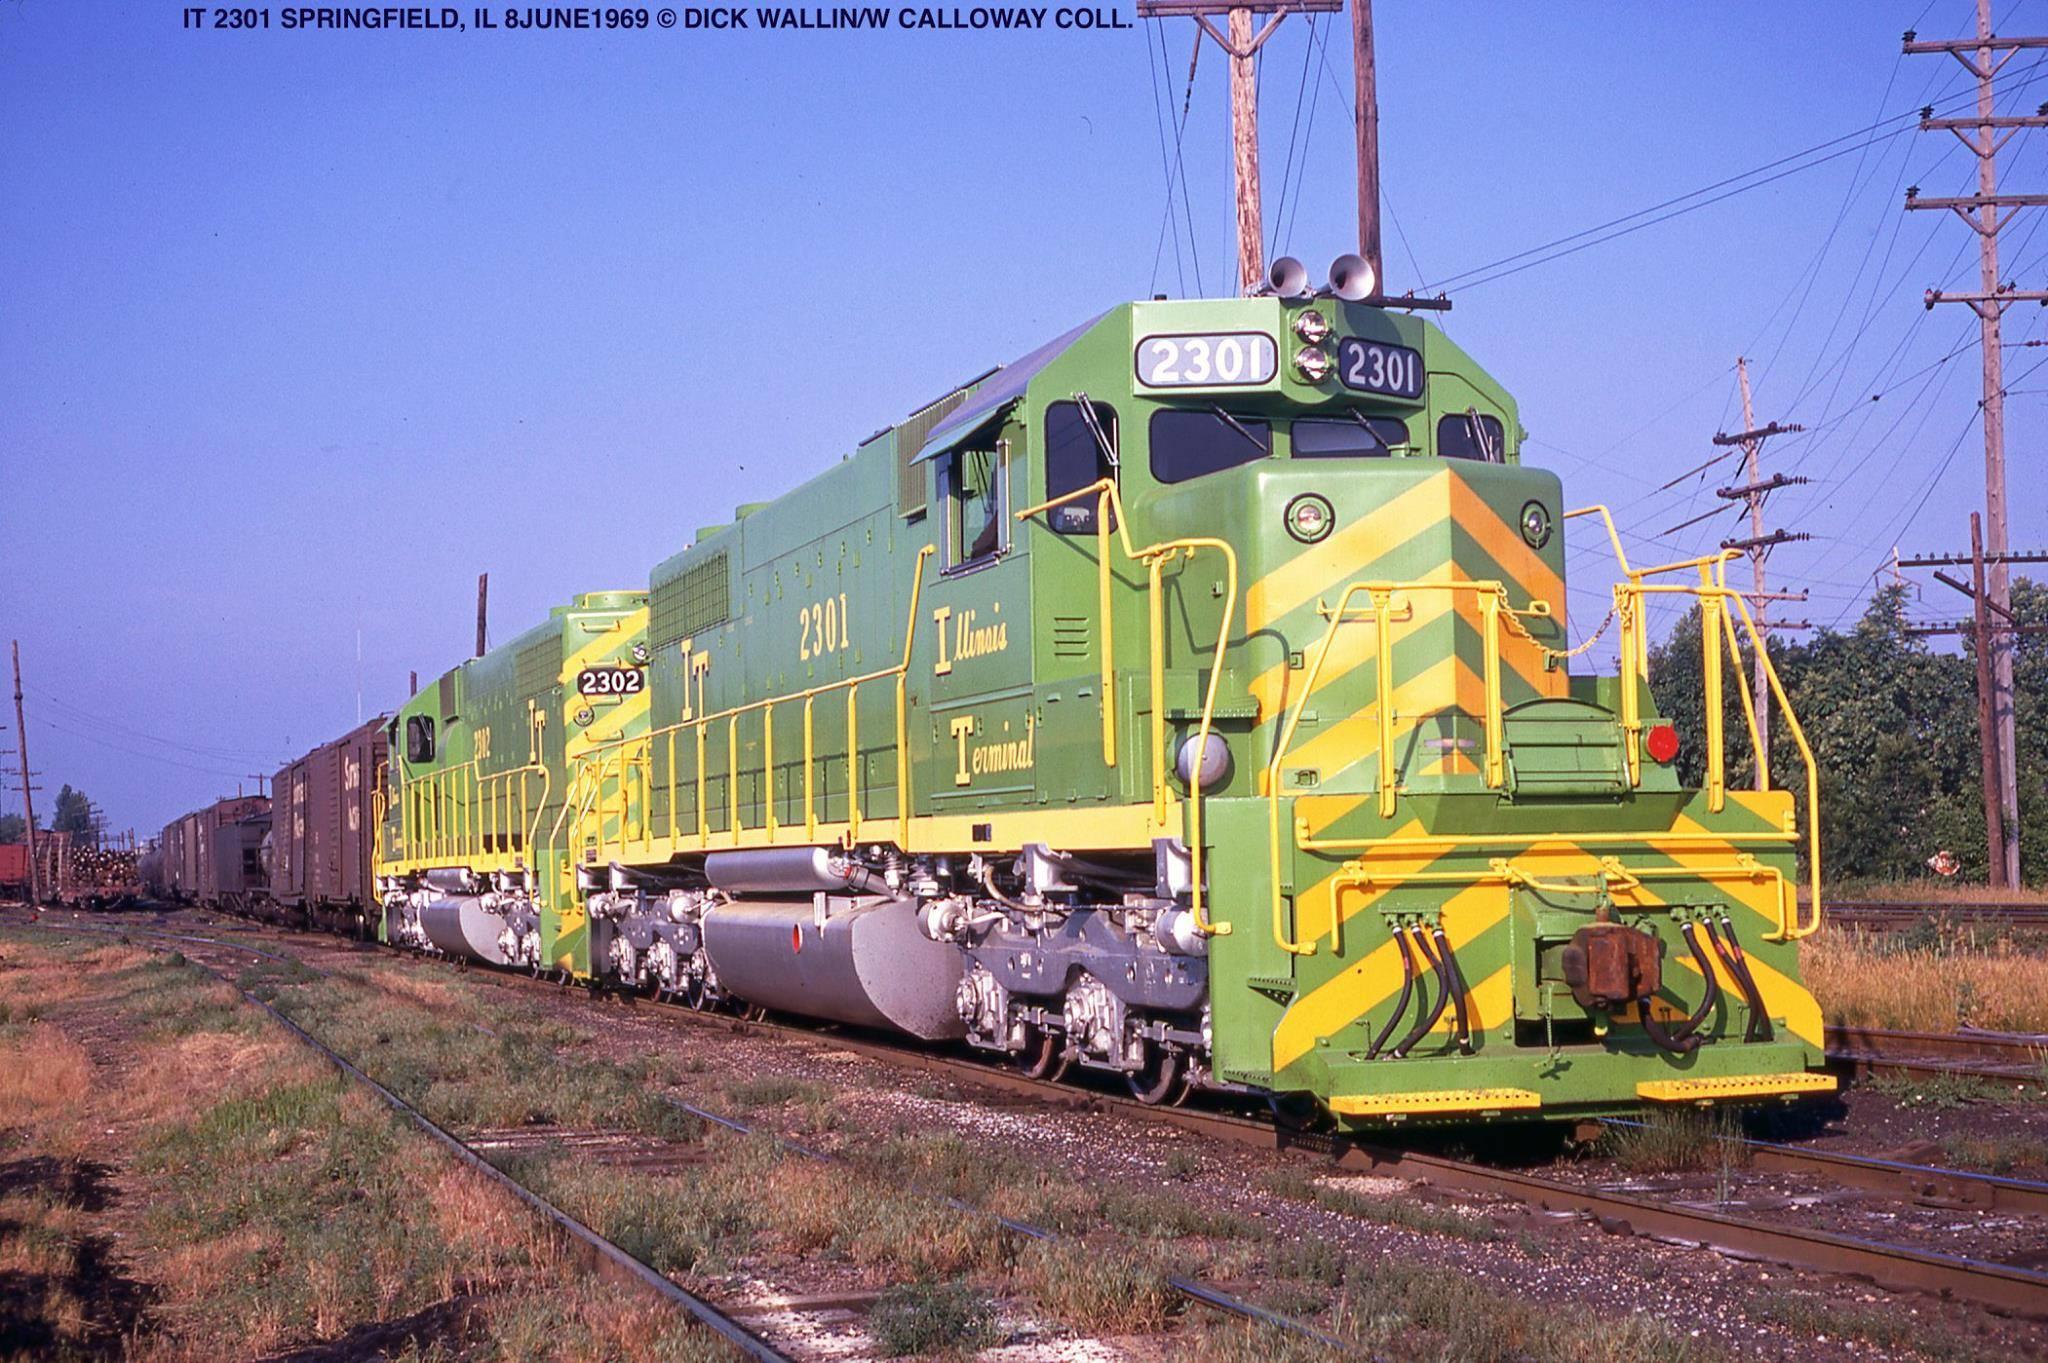 Illinois Terminal Railroad